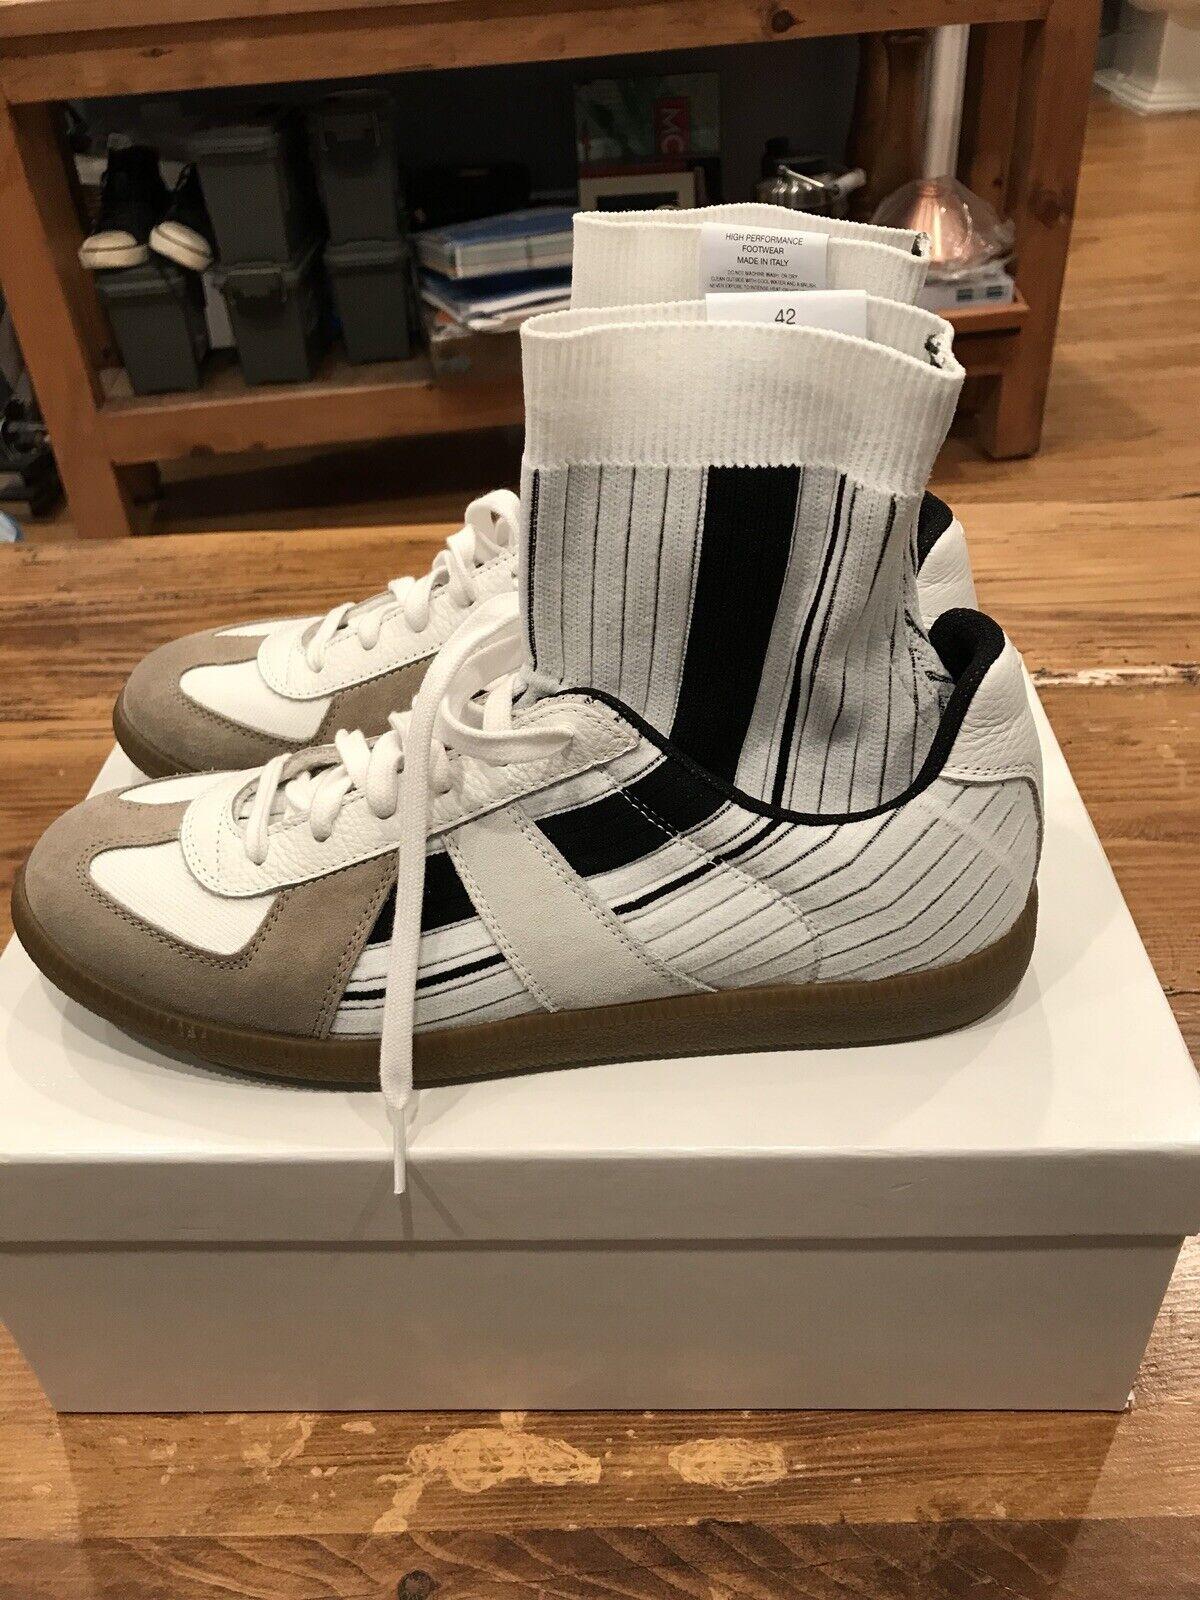 Maison Margiela Replica High Top Sock scarpe - Dimensione 42 EU Dimensione 9 US